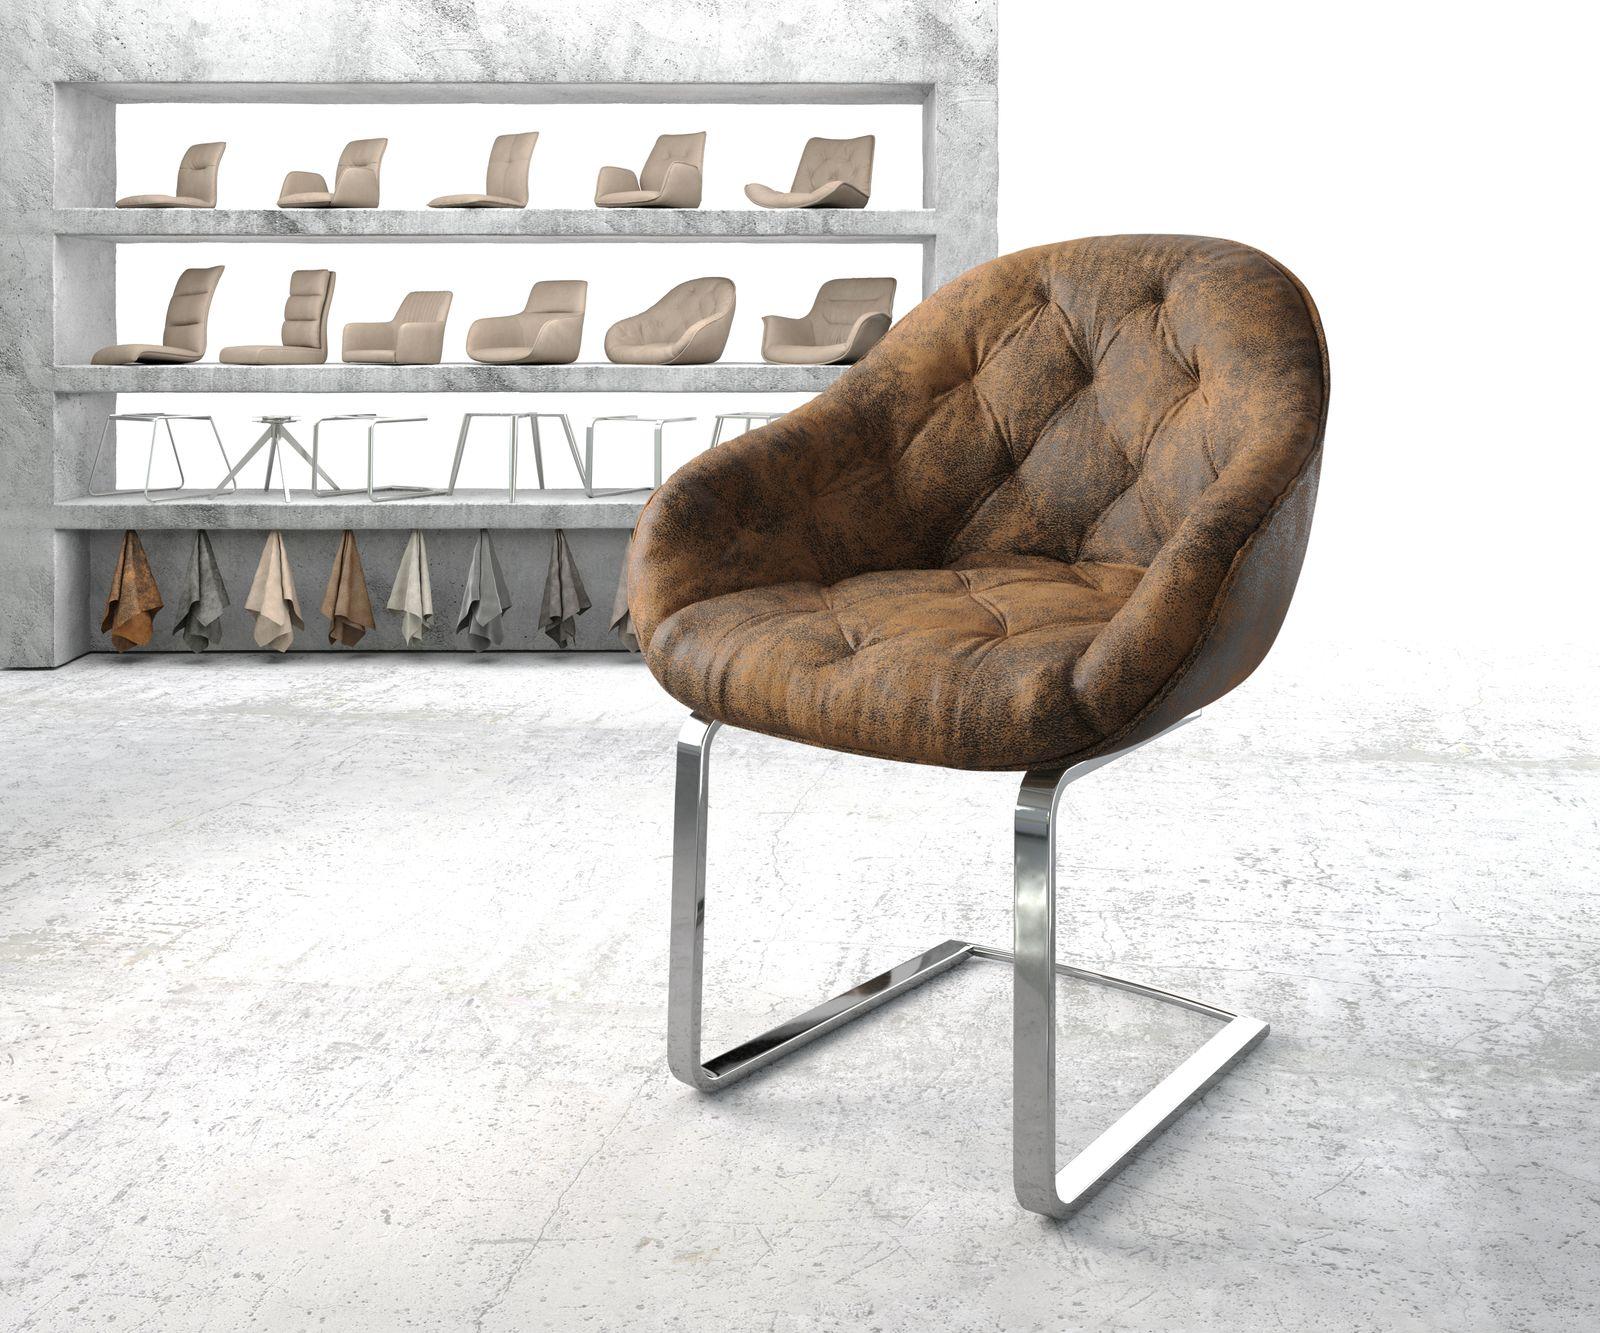 delife-armlehnstuhl-gaio-flex-braun-vintage-freischwinger-flach-verchromt-esszimmerstuhle, 99.90 EUR @ delife-de